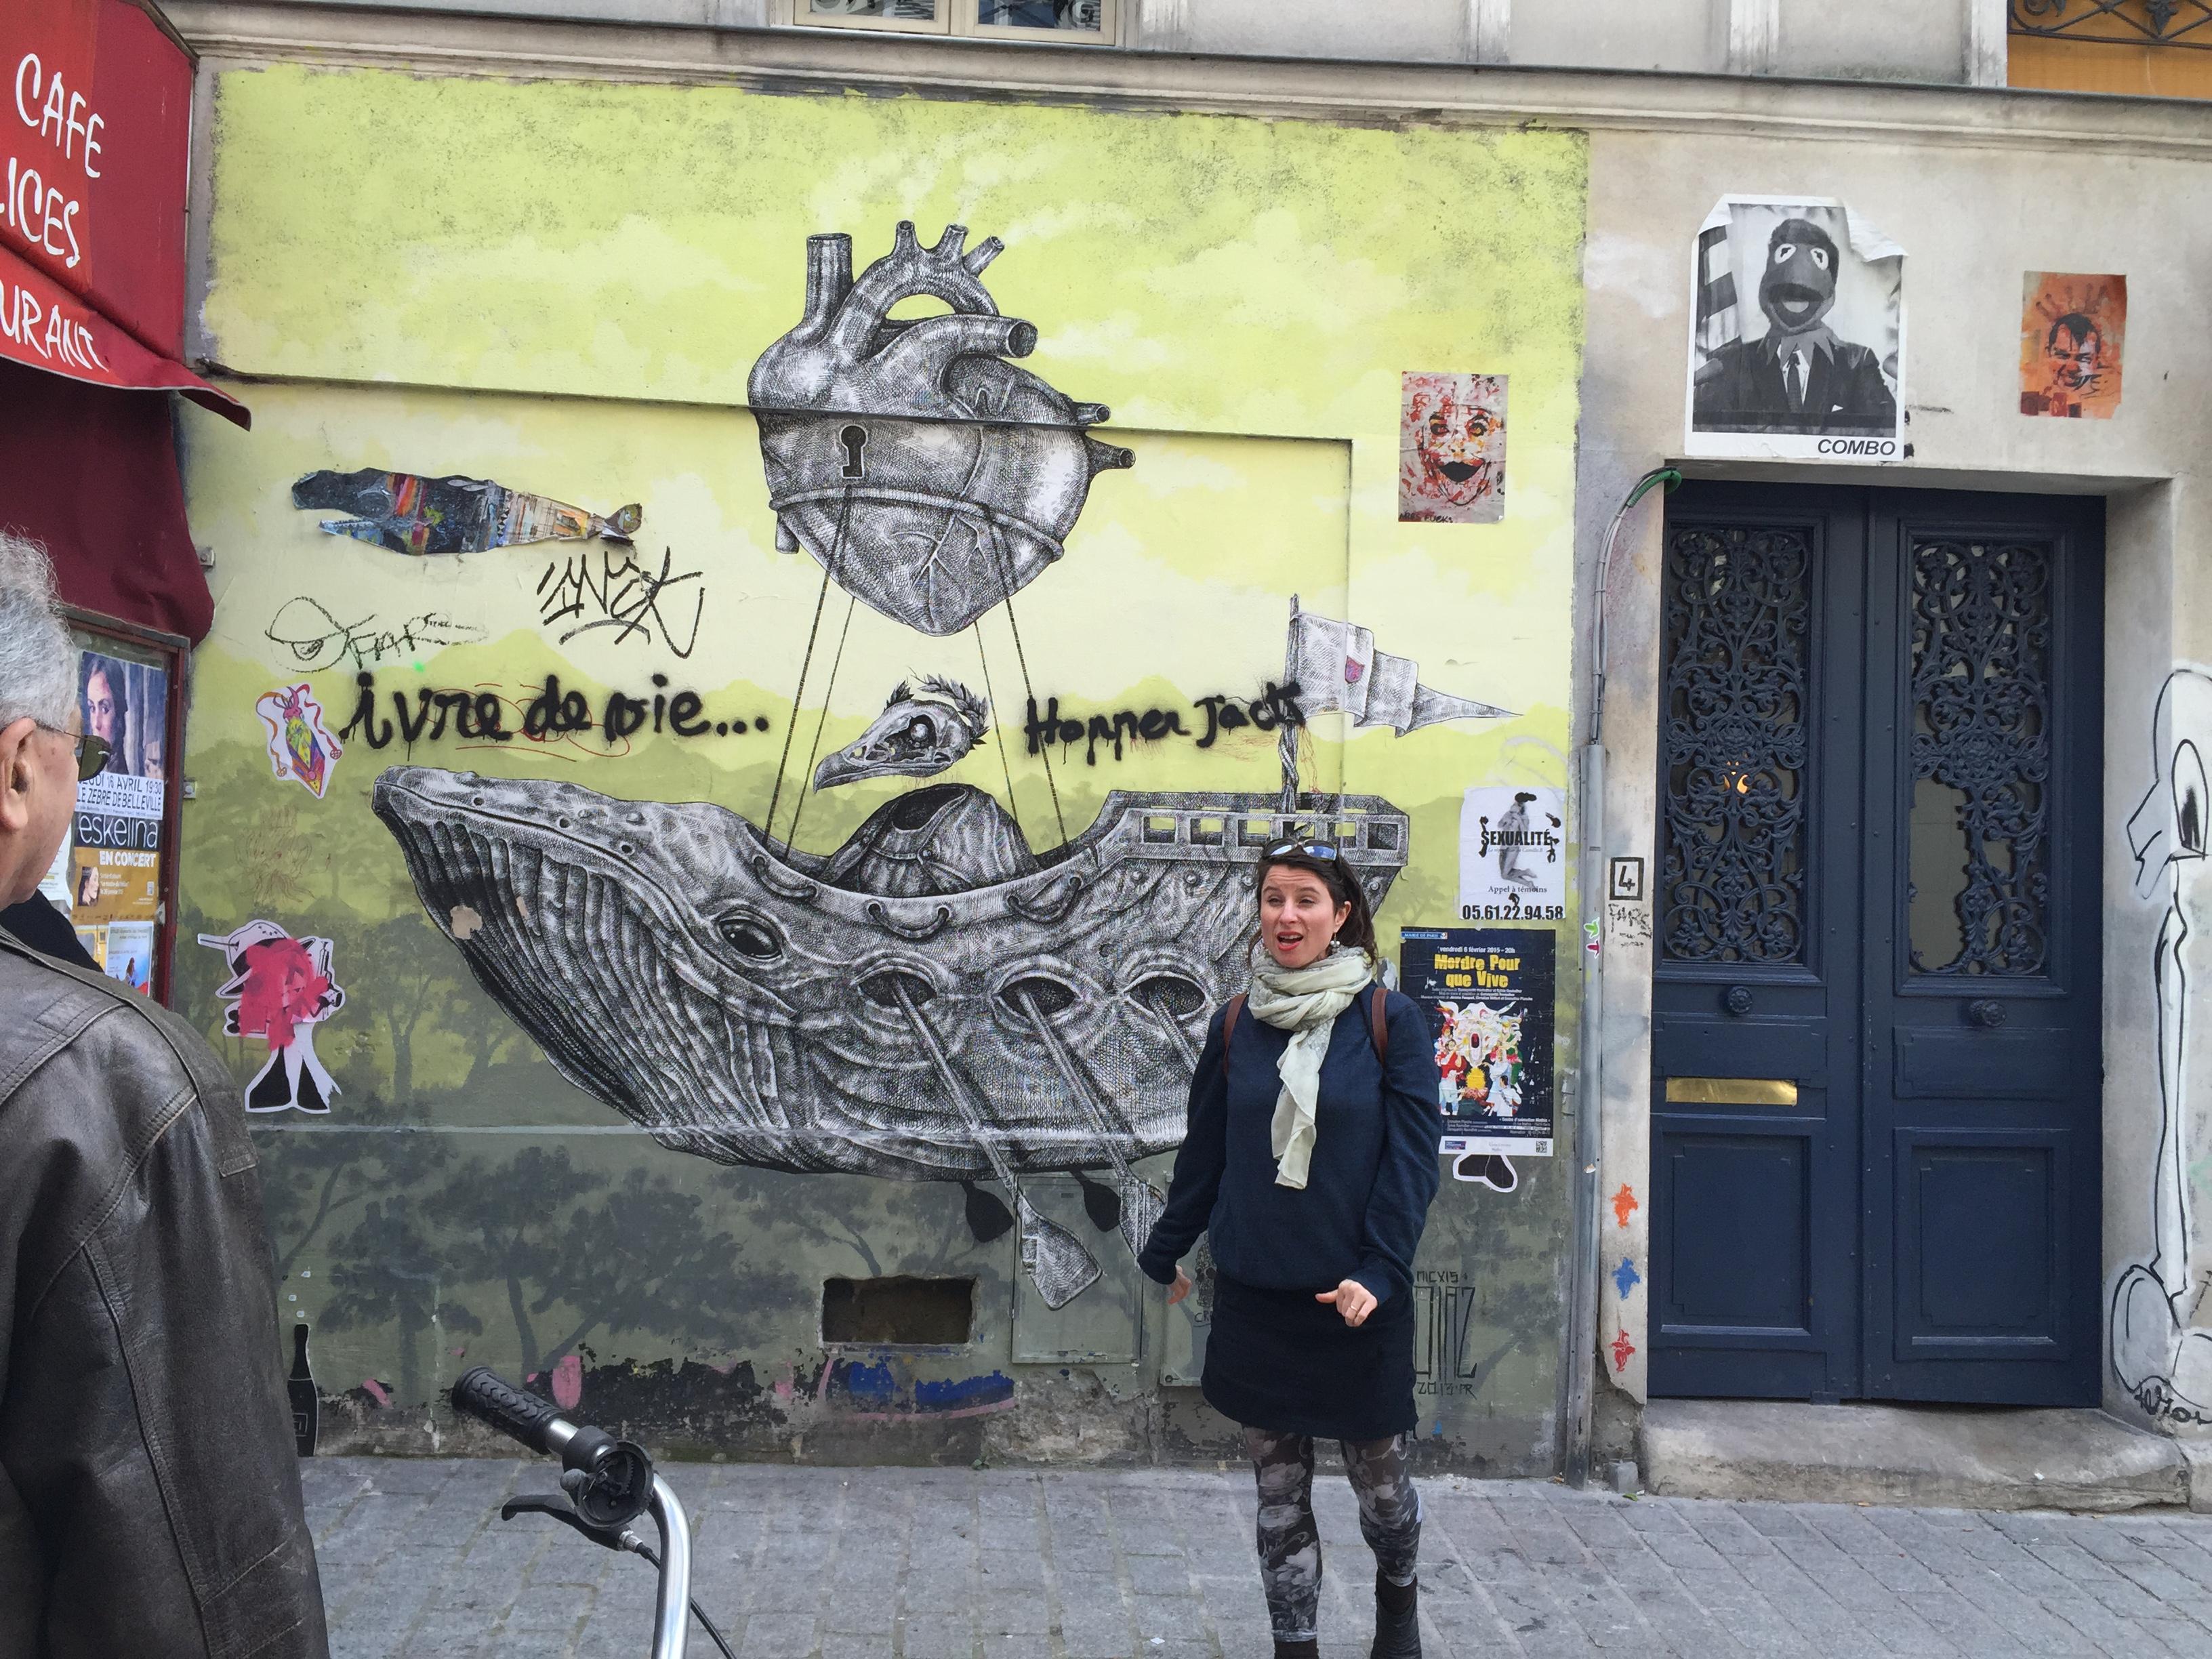 אמנות רחוב בפריז